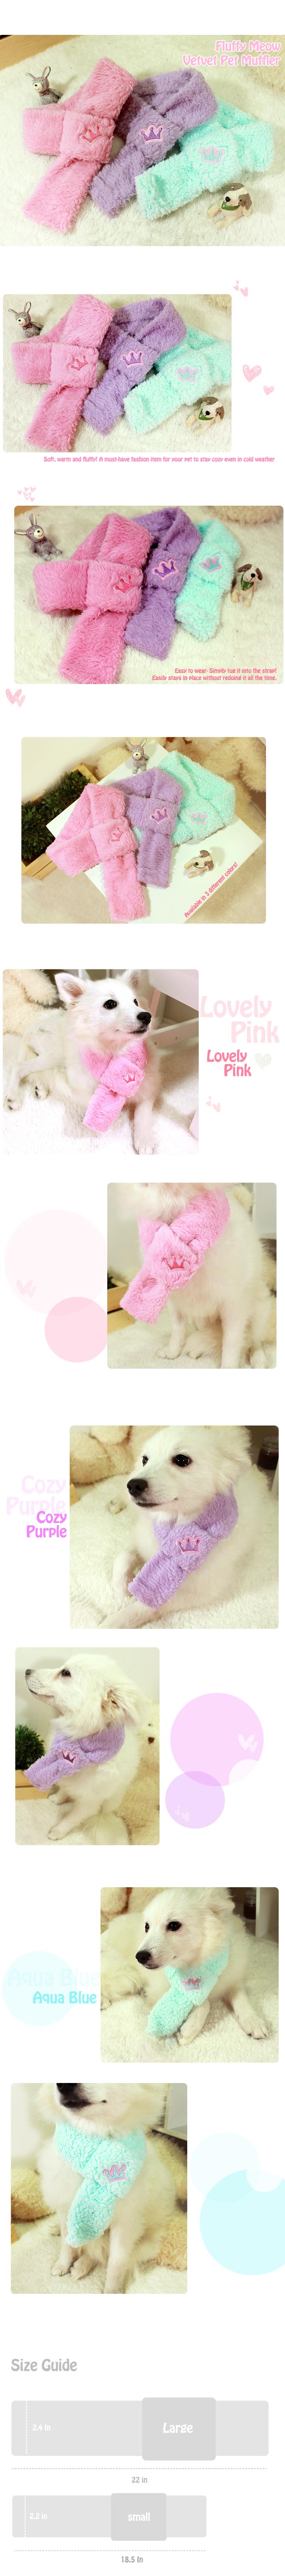 fluffy-meow-velvet-pet-muffler2.png